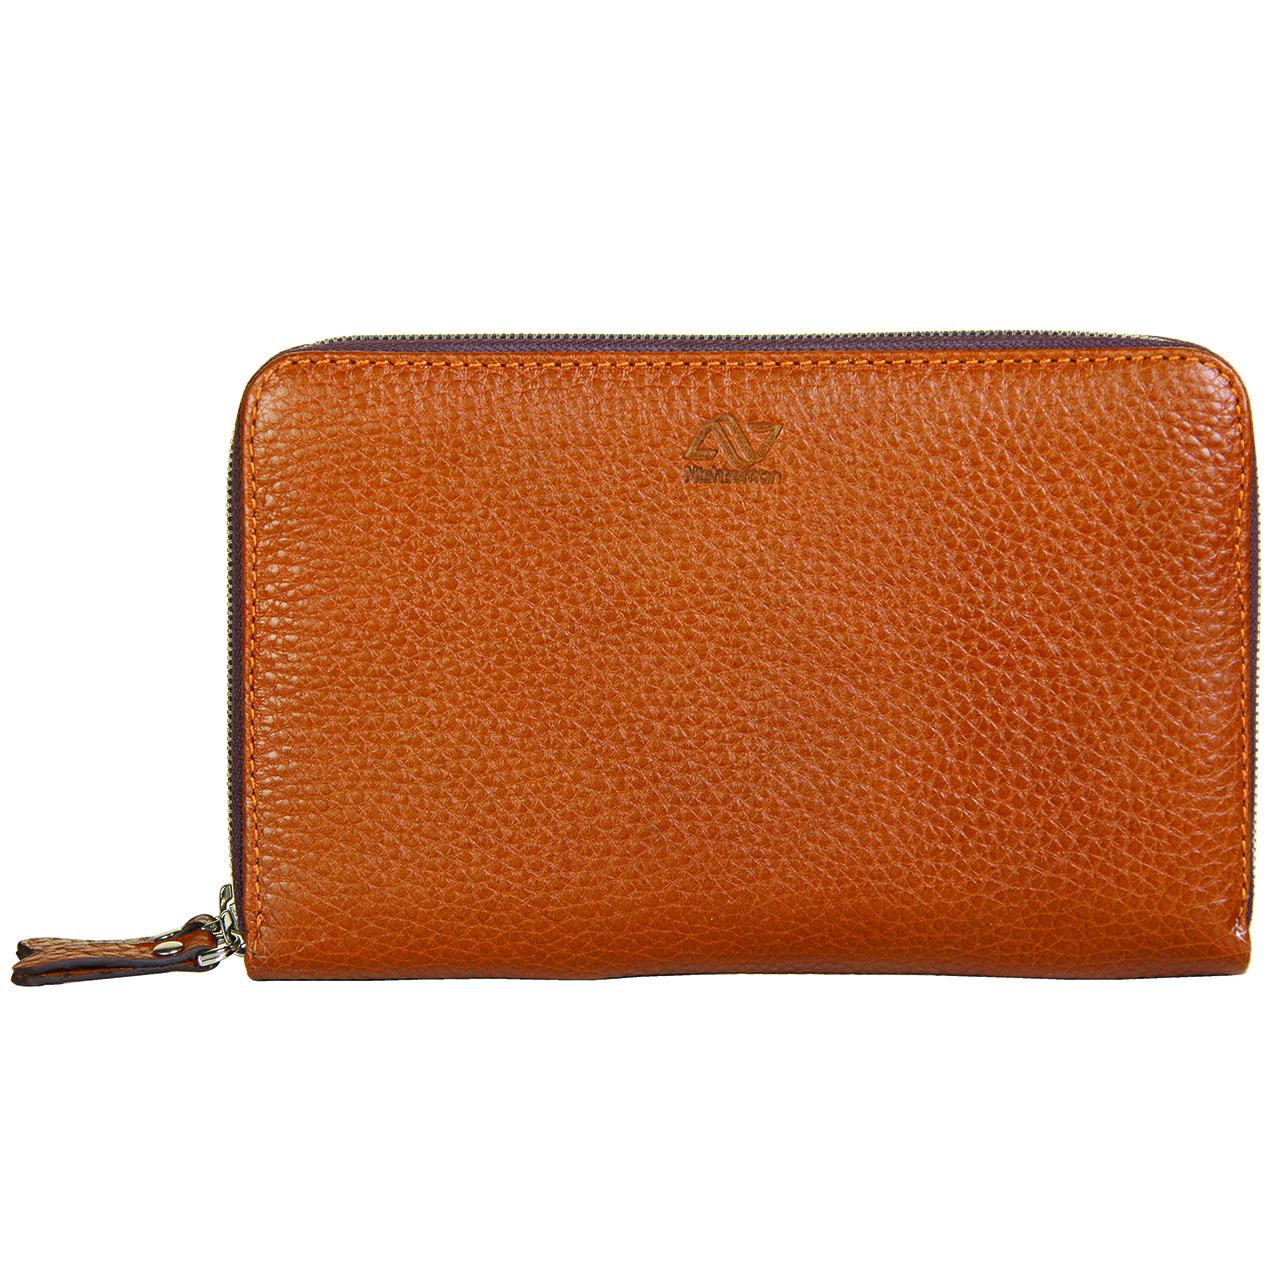 کیف دستی چرم طبیعی نیشتمان مدل 481